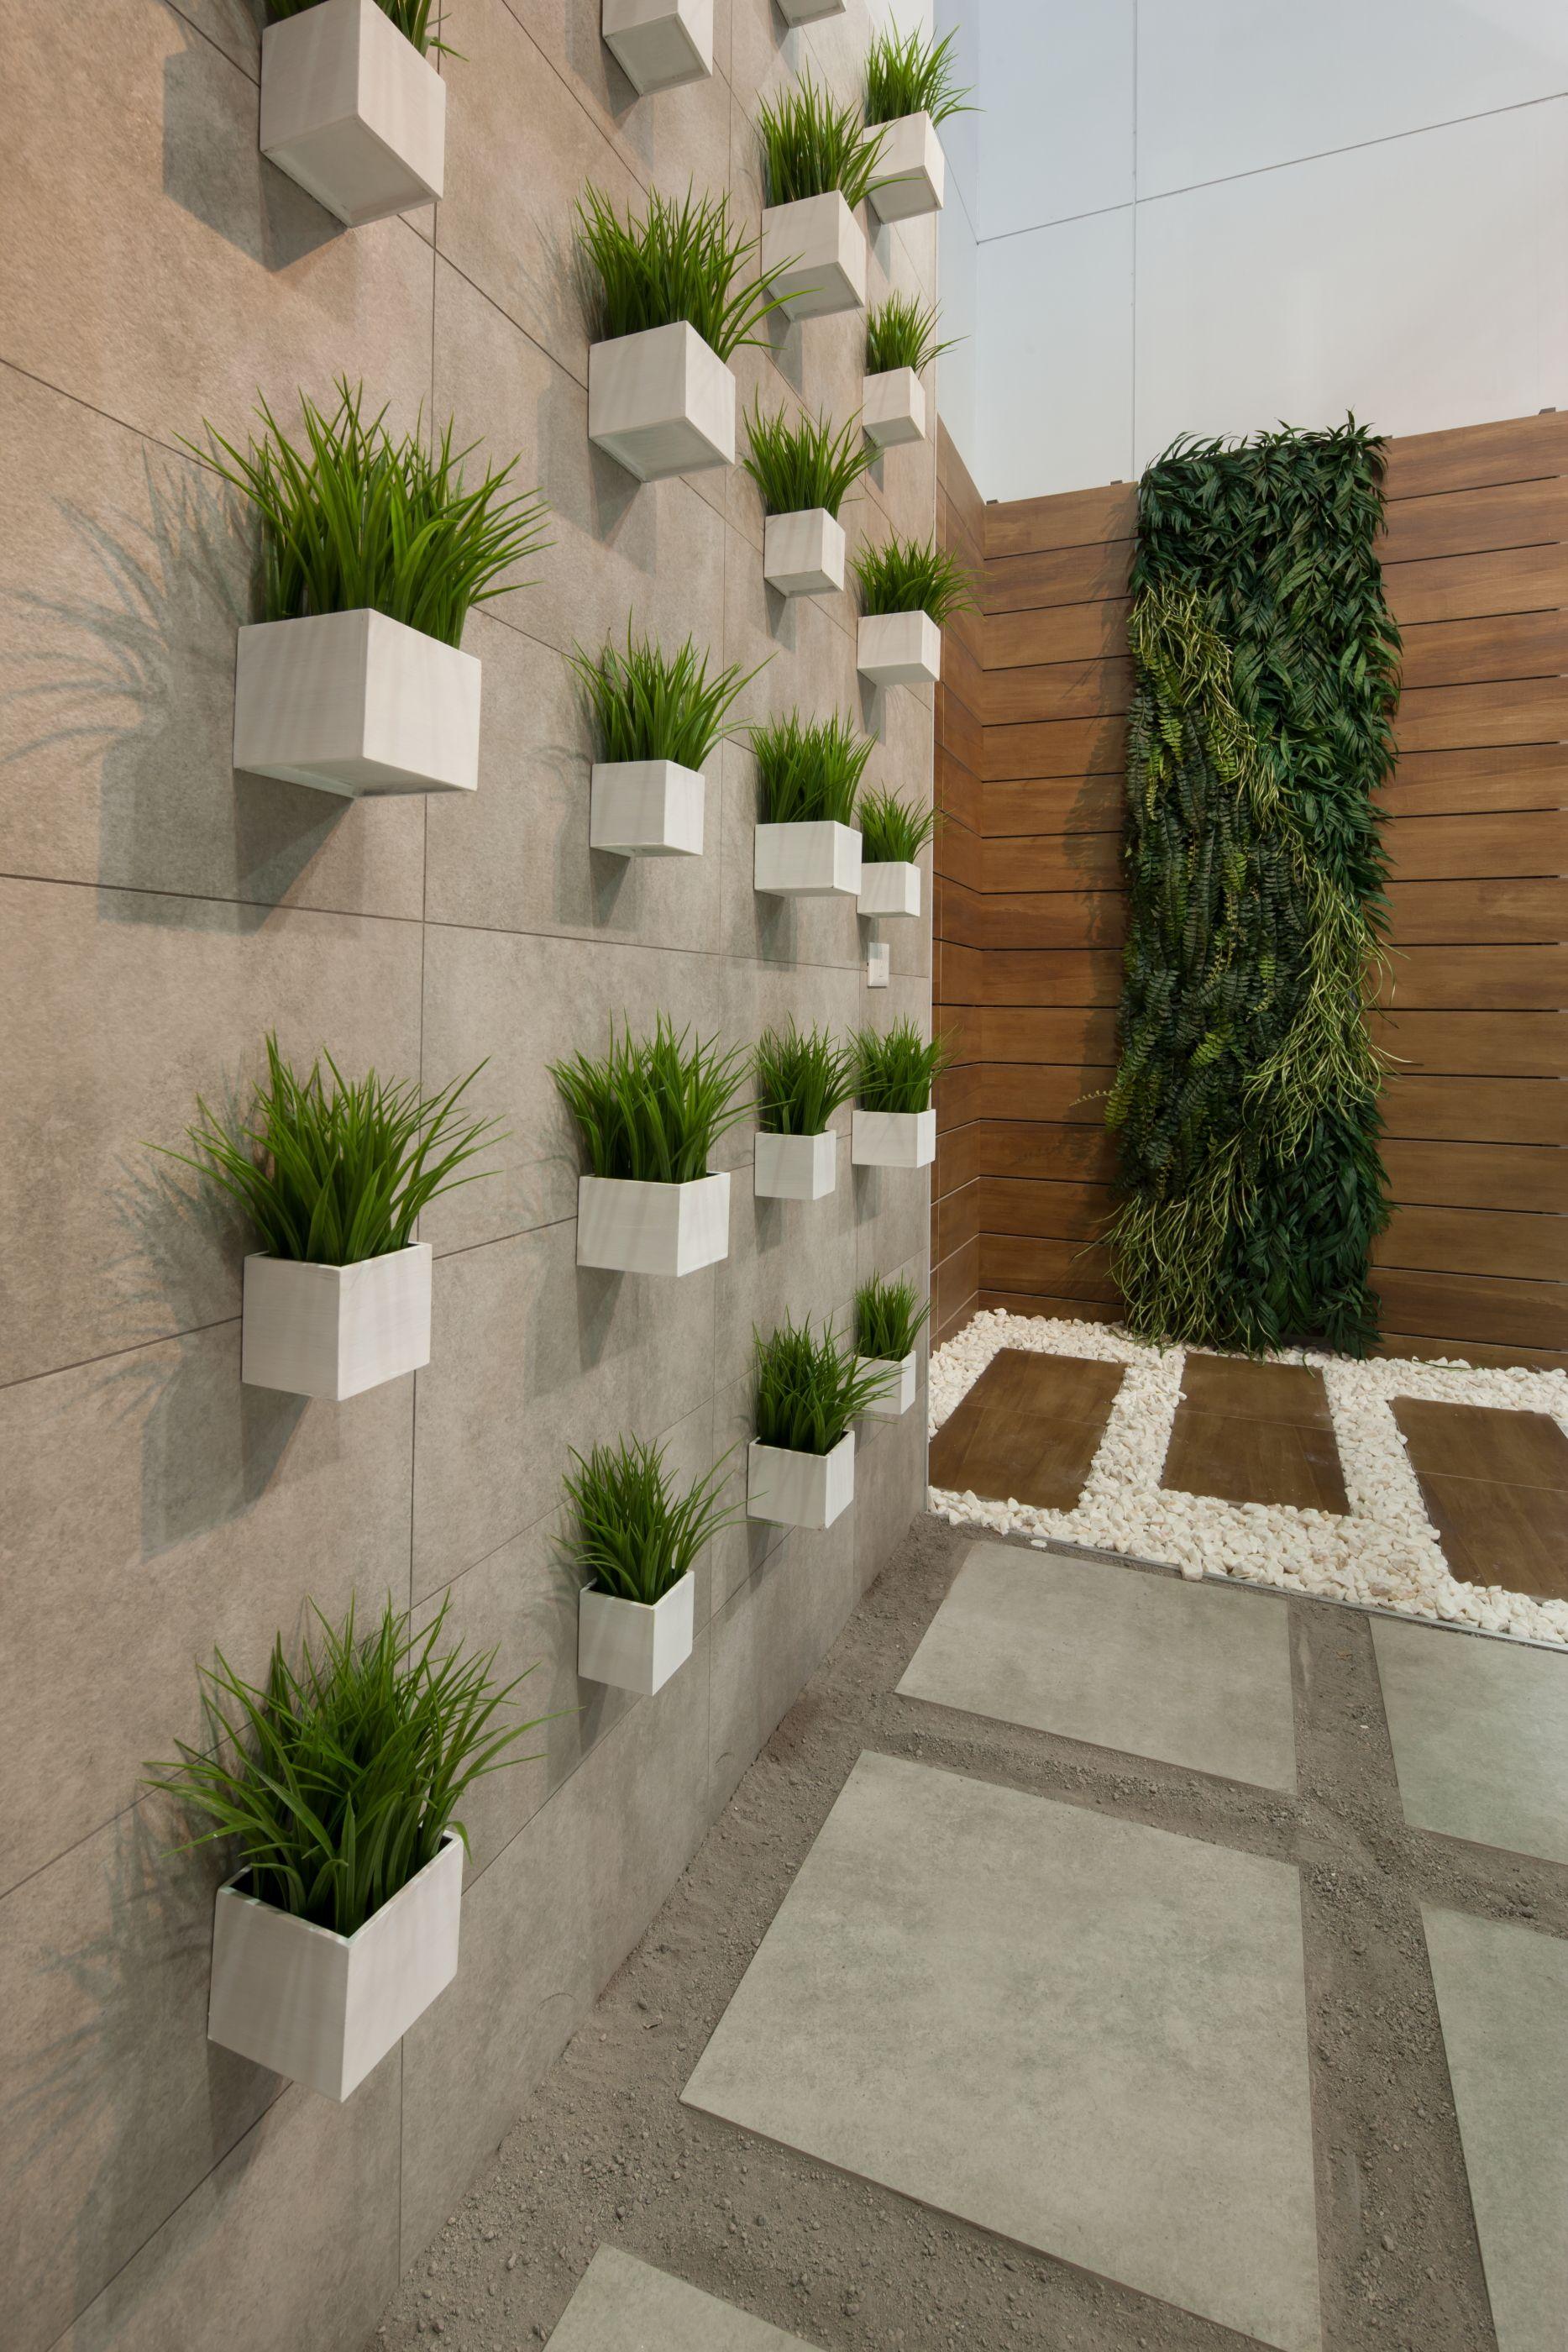 Expo Cihac Garden Wall Decor Garden Wall Designs Outdoor Gardens Design